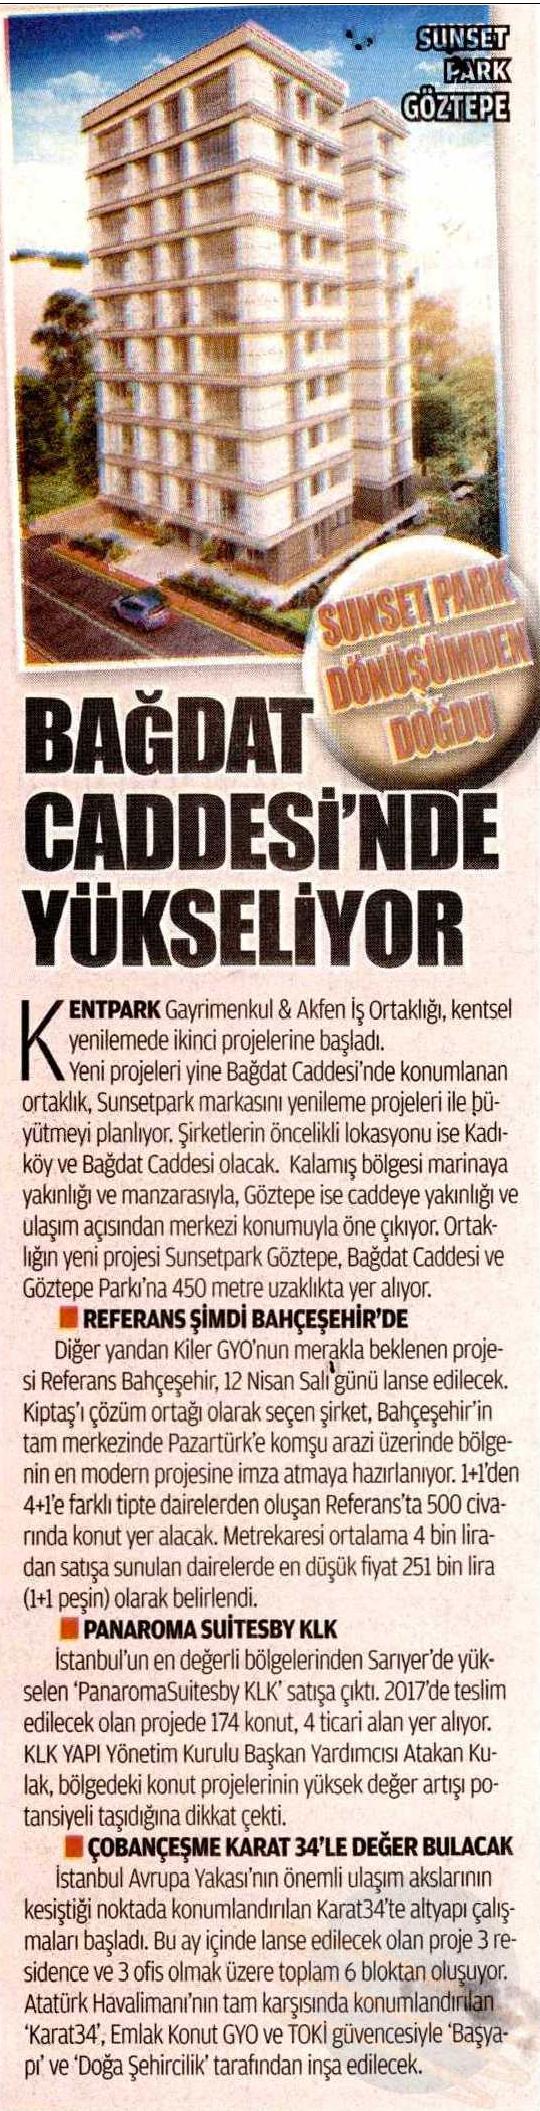 Yeni_Akit-BAĞDAT_CADDESİNDE_YÜKSELİYOR-08.04.2016